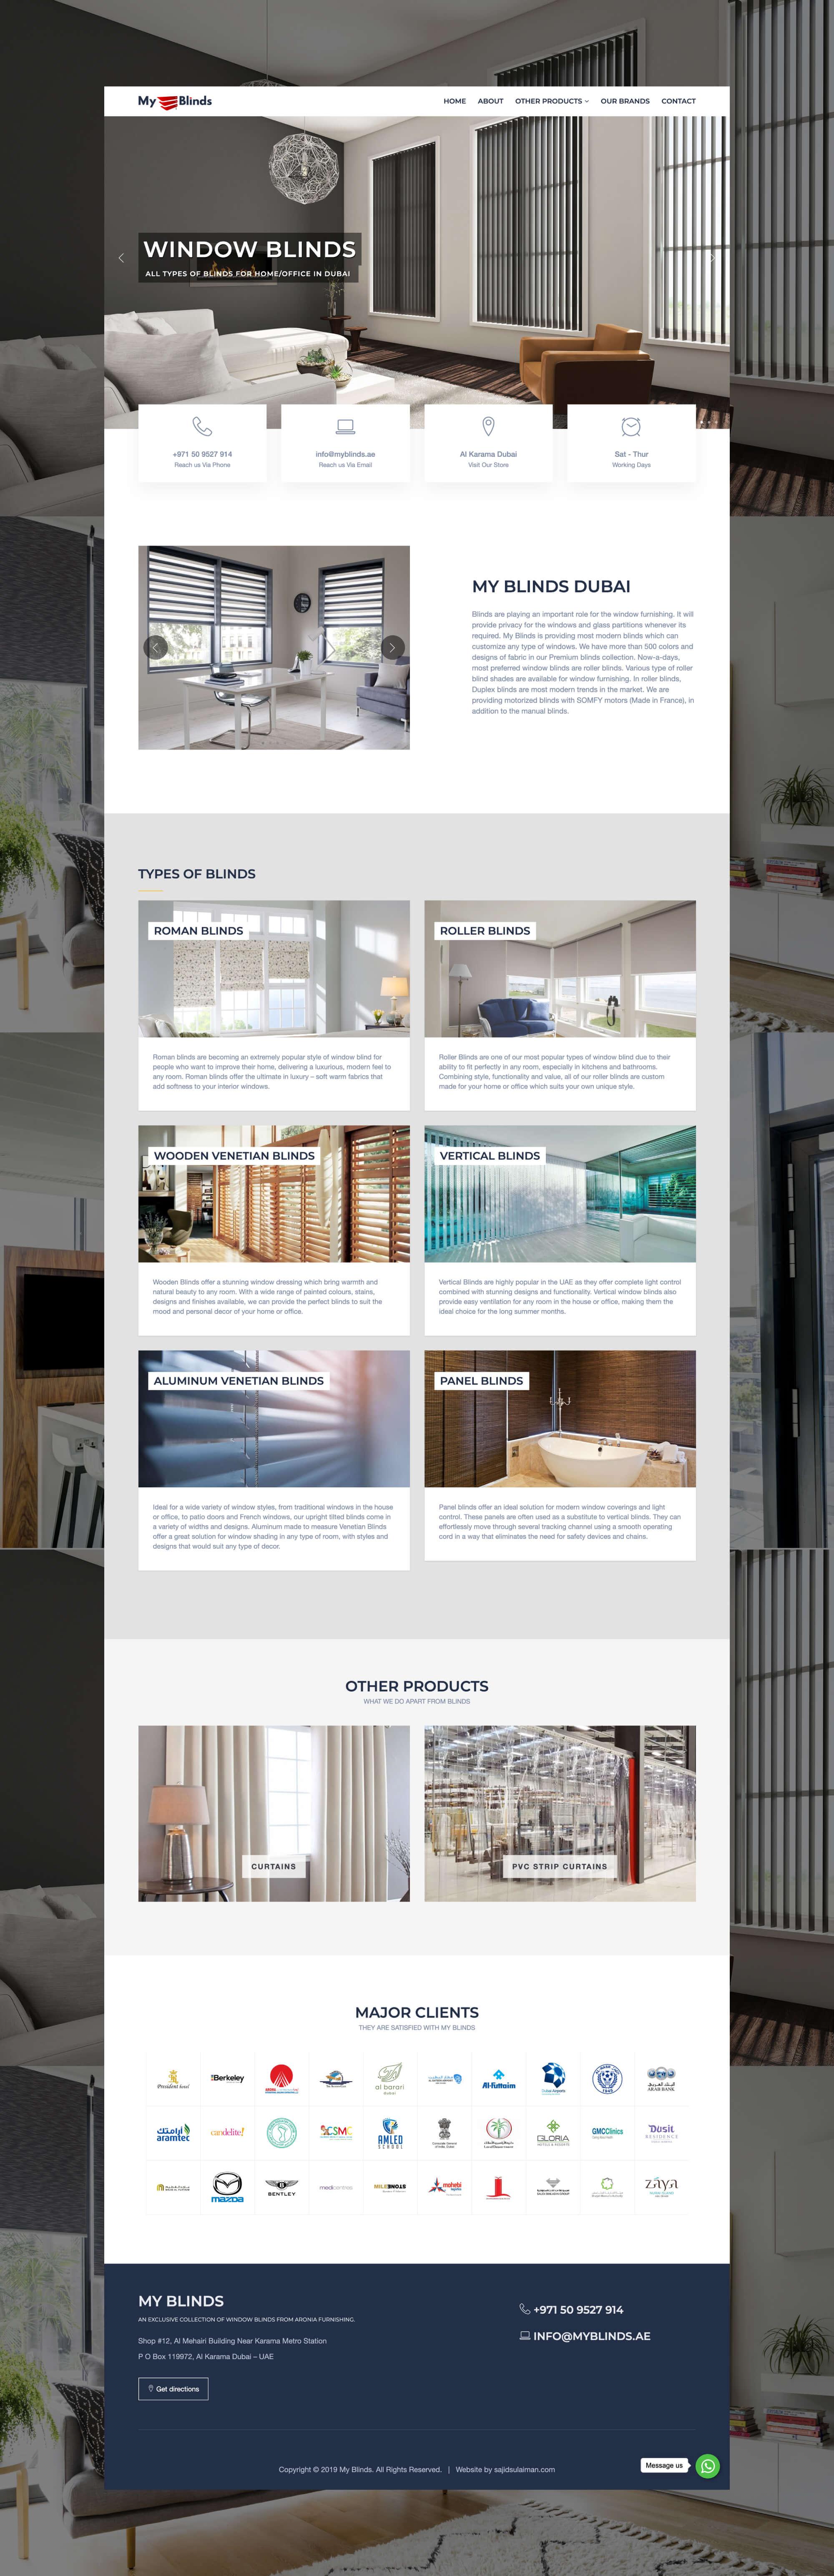 My Blinds Website by Freelance Web Designer Sajid Sulaiman